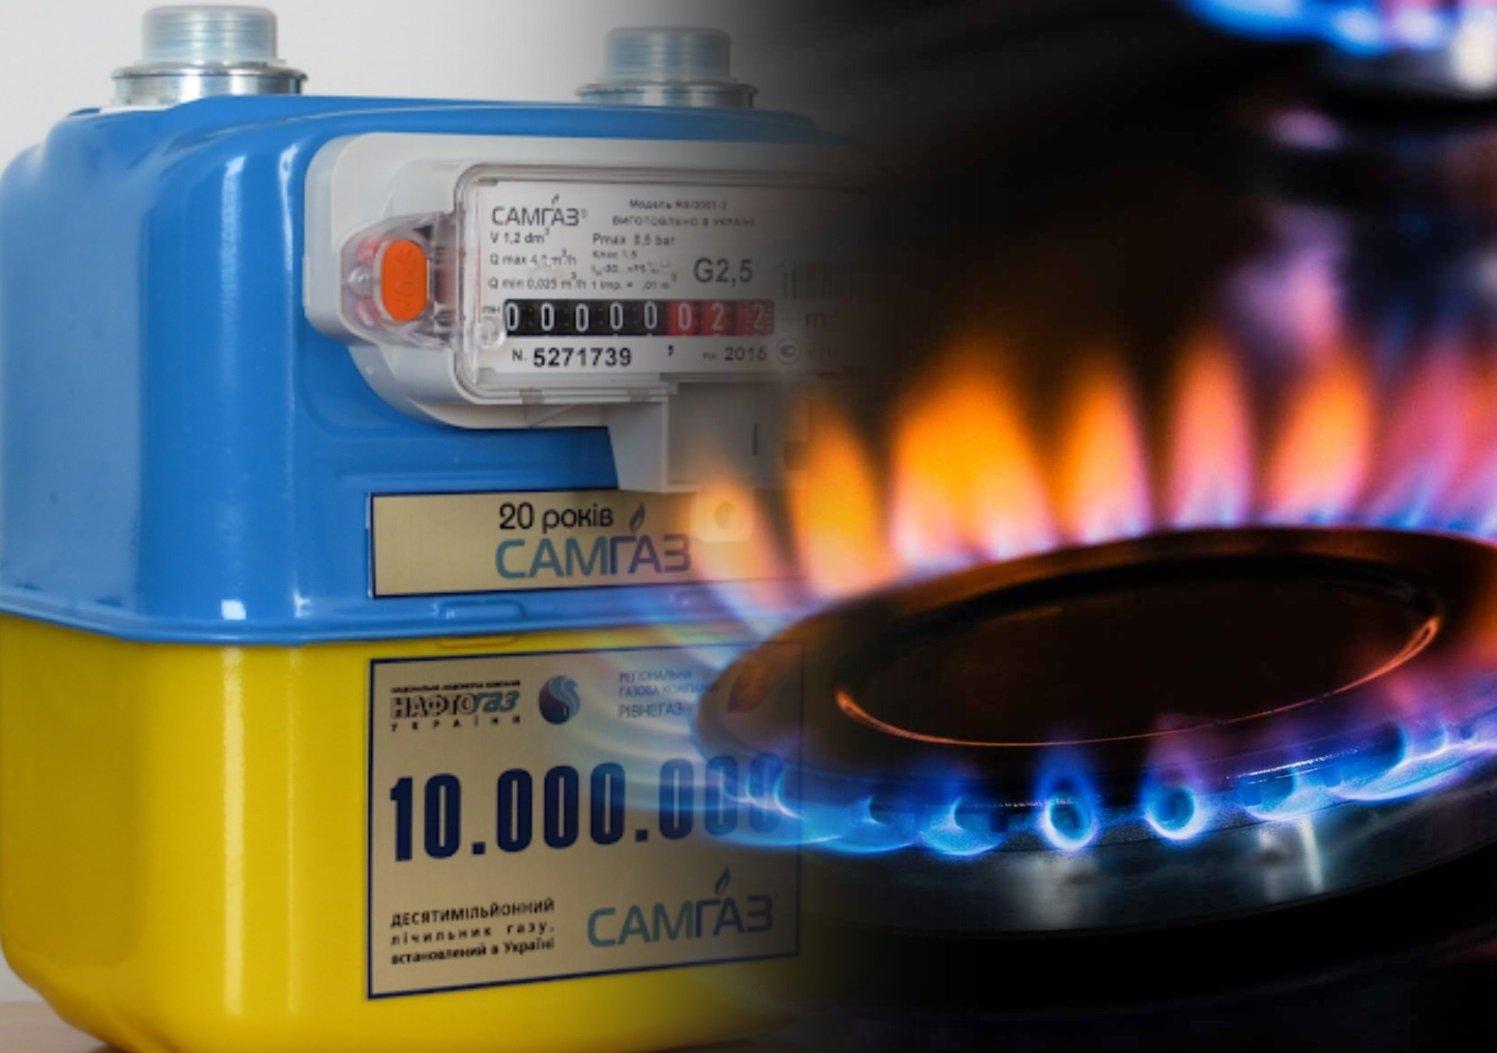 Украинцам пересчитали тарифы на газ в октябре: как изменились цены в месячных тарифах